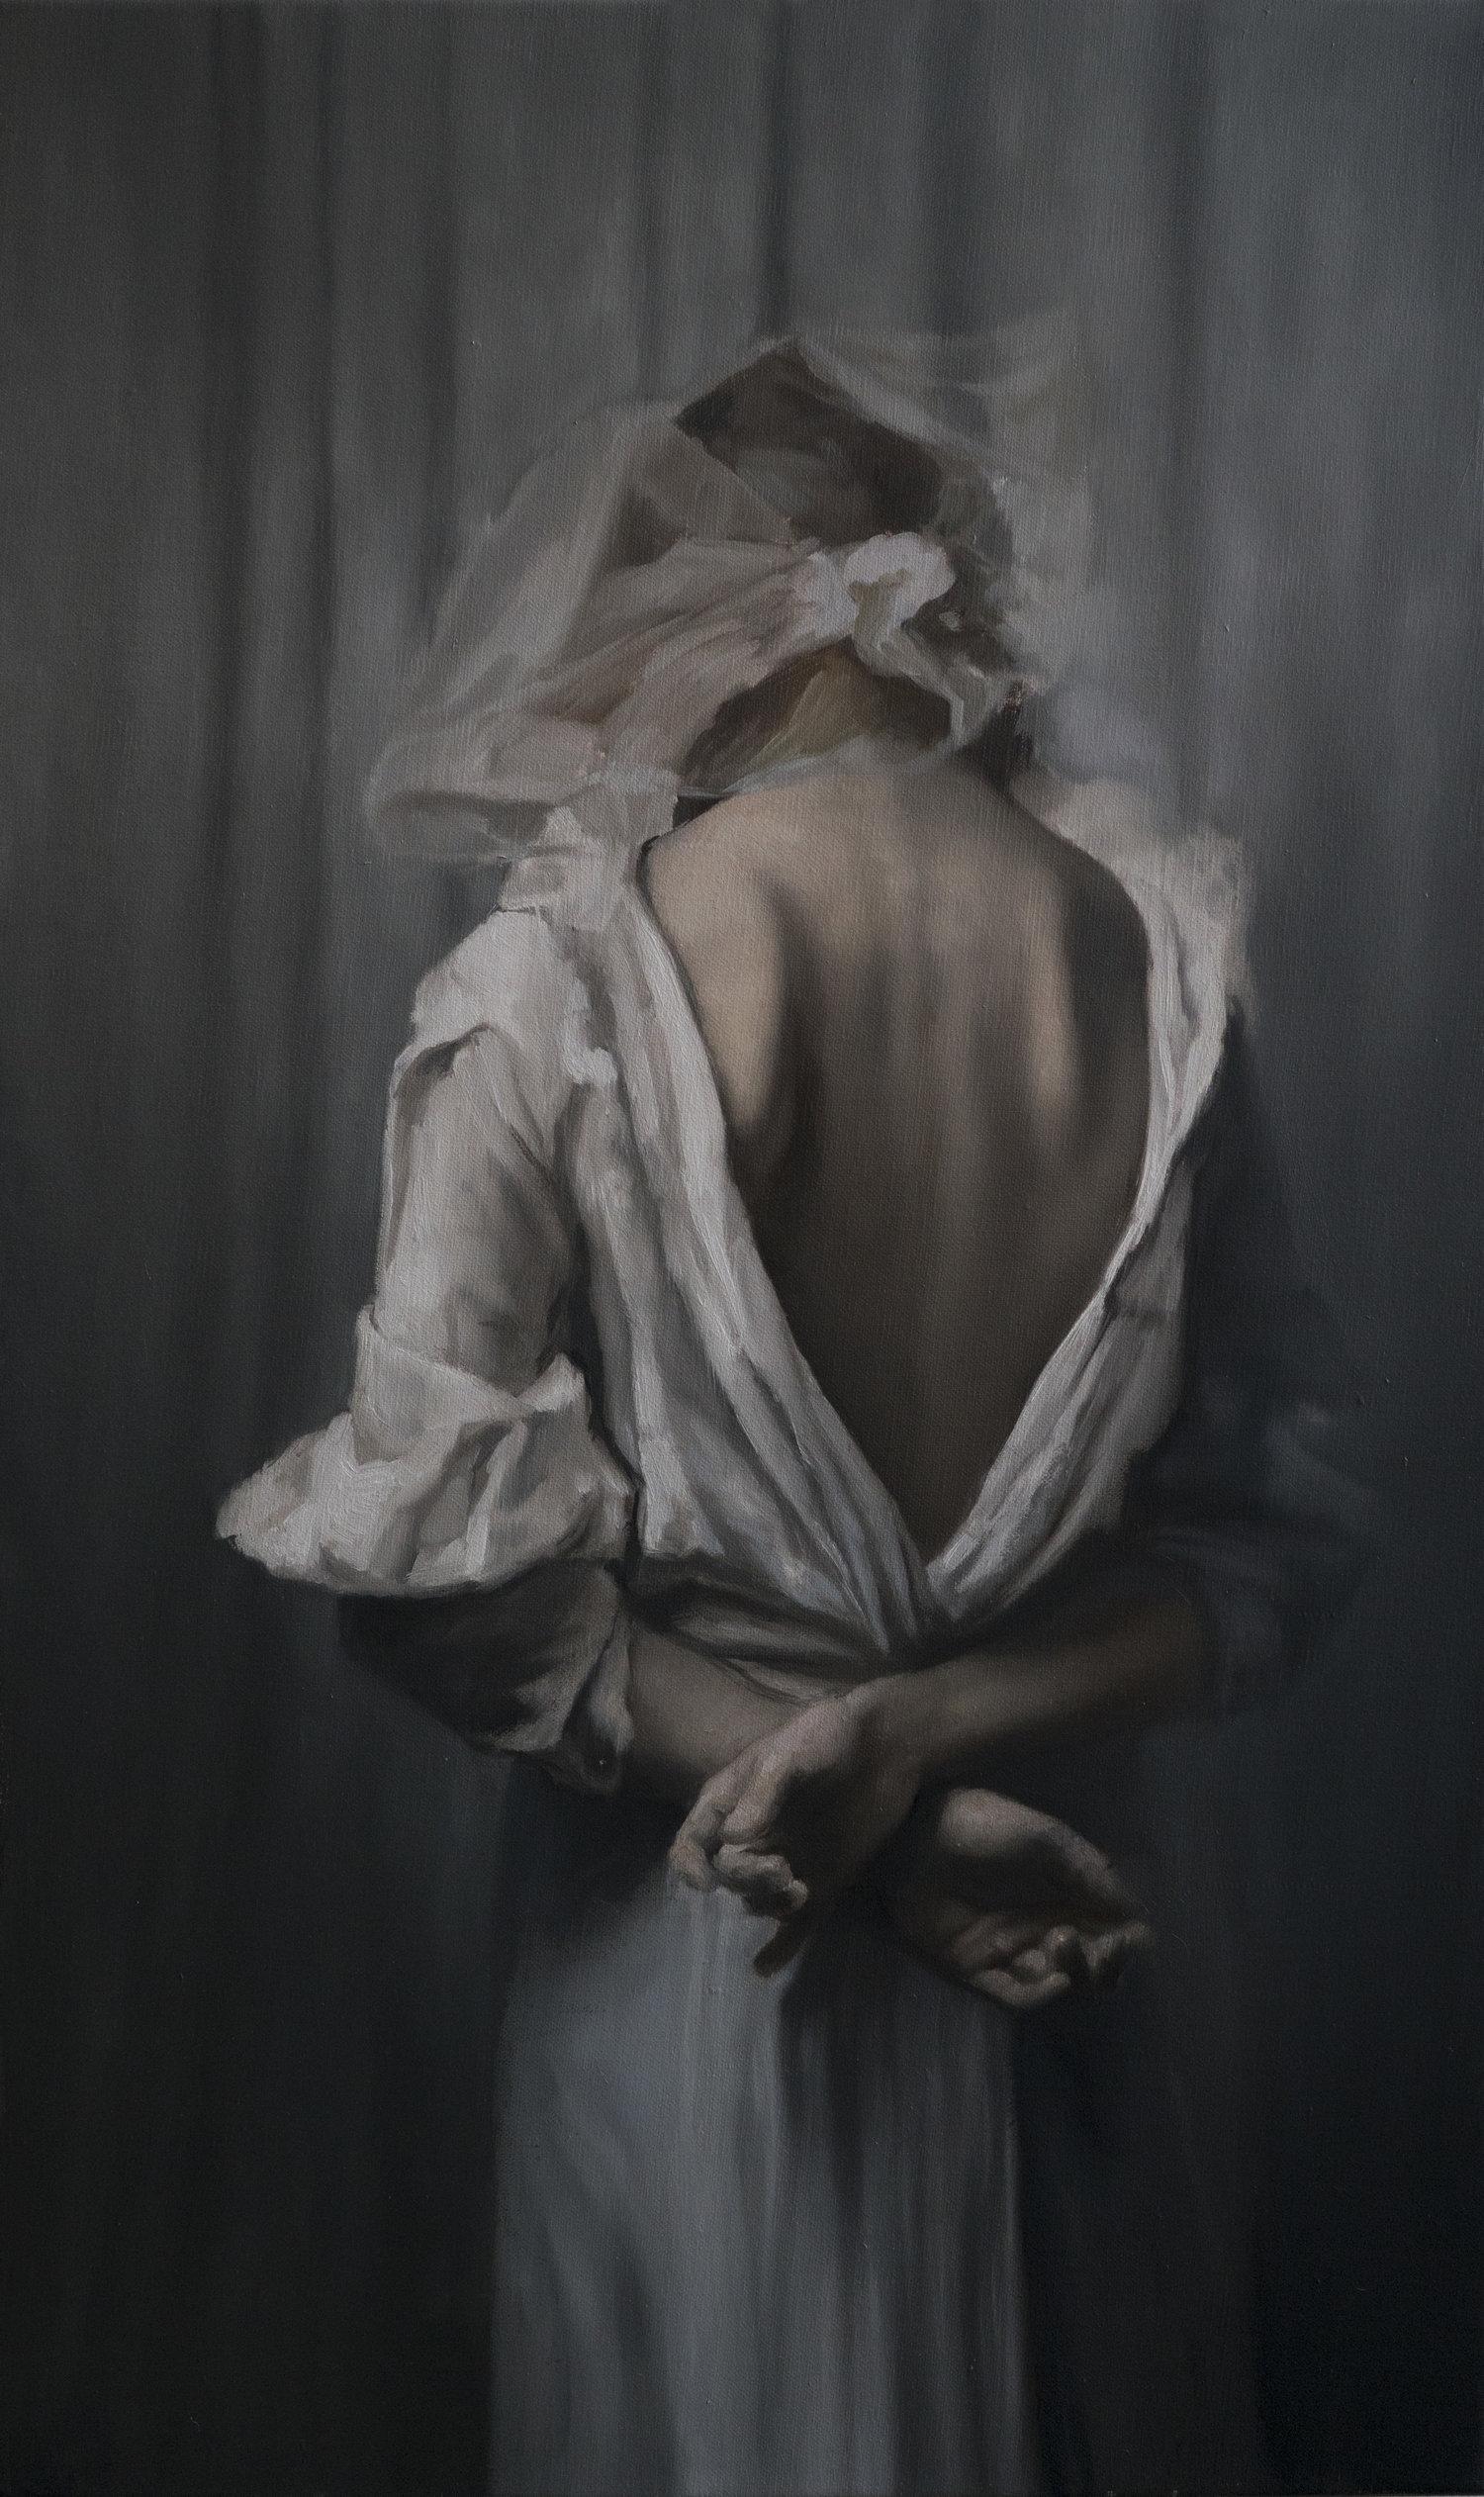 Maria+Kreyn+-+angel's+back+oil-on-canvas-18-x-30-inches-_3050.jpg